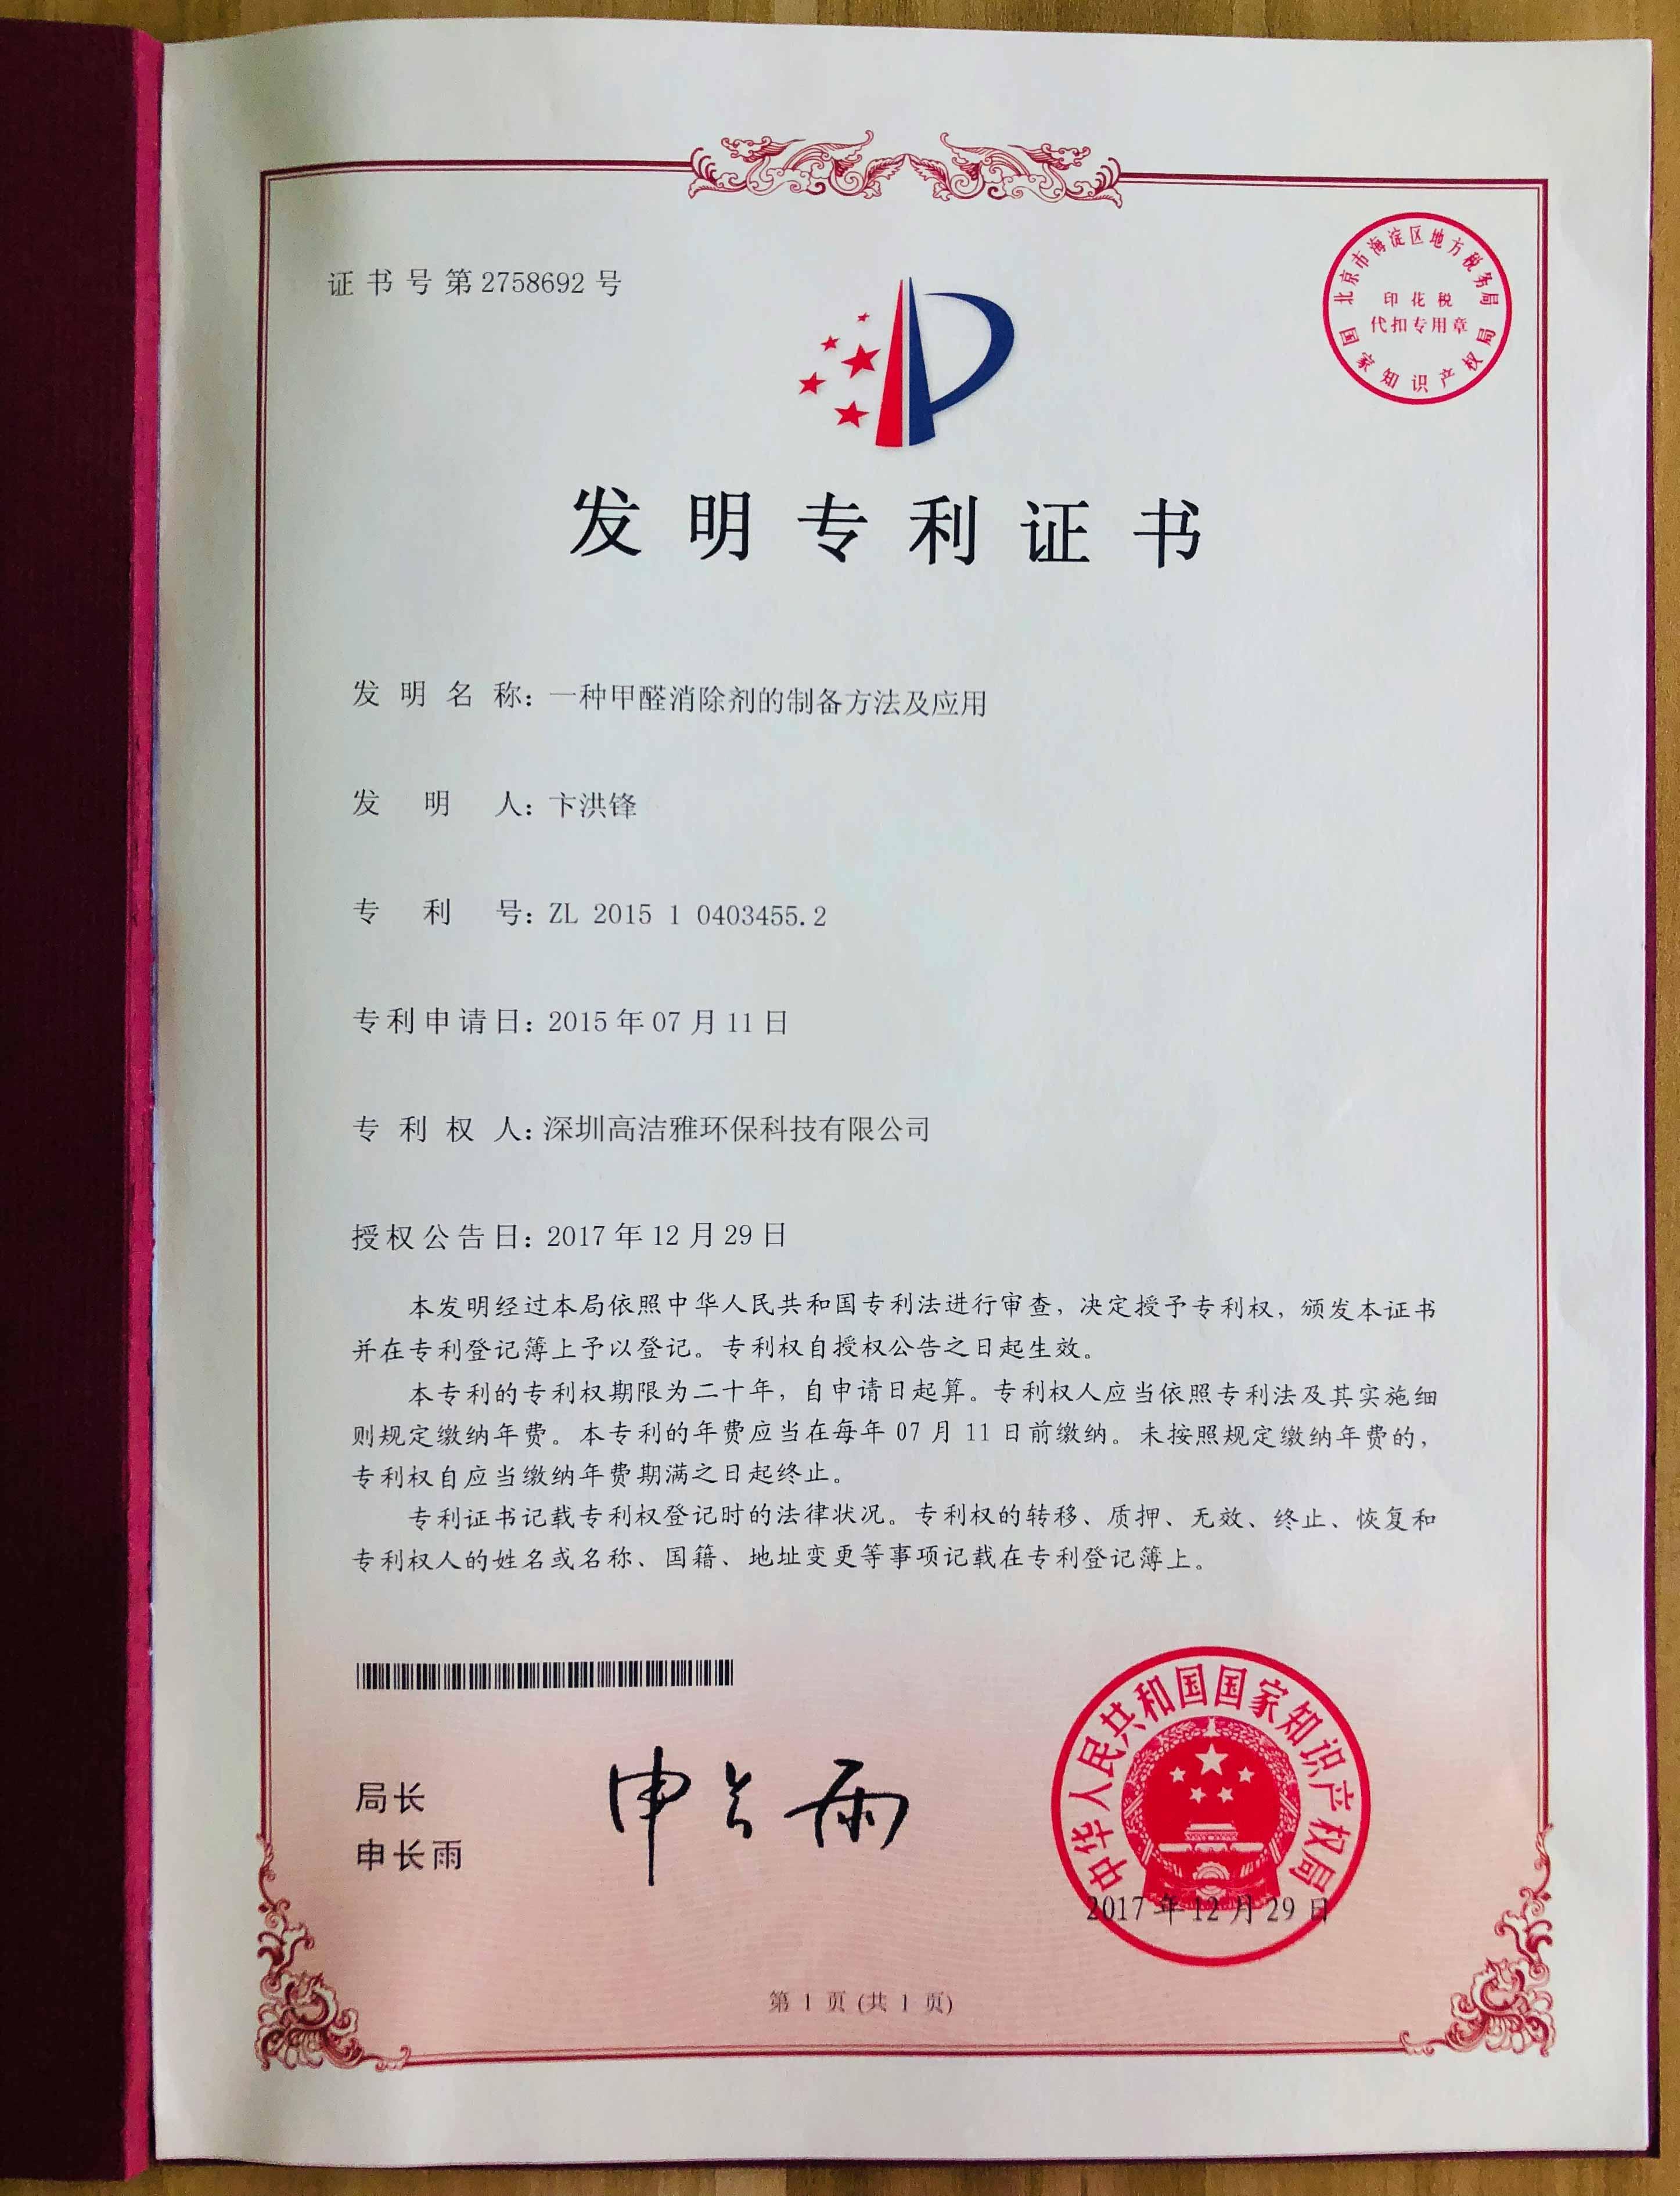 产品发明专利证书